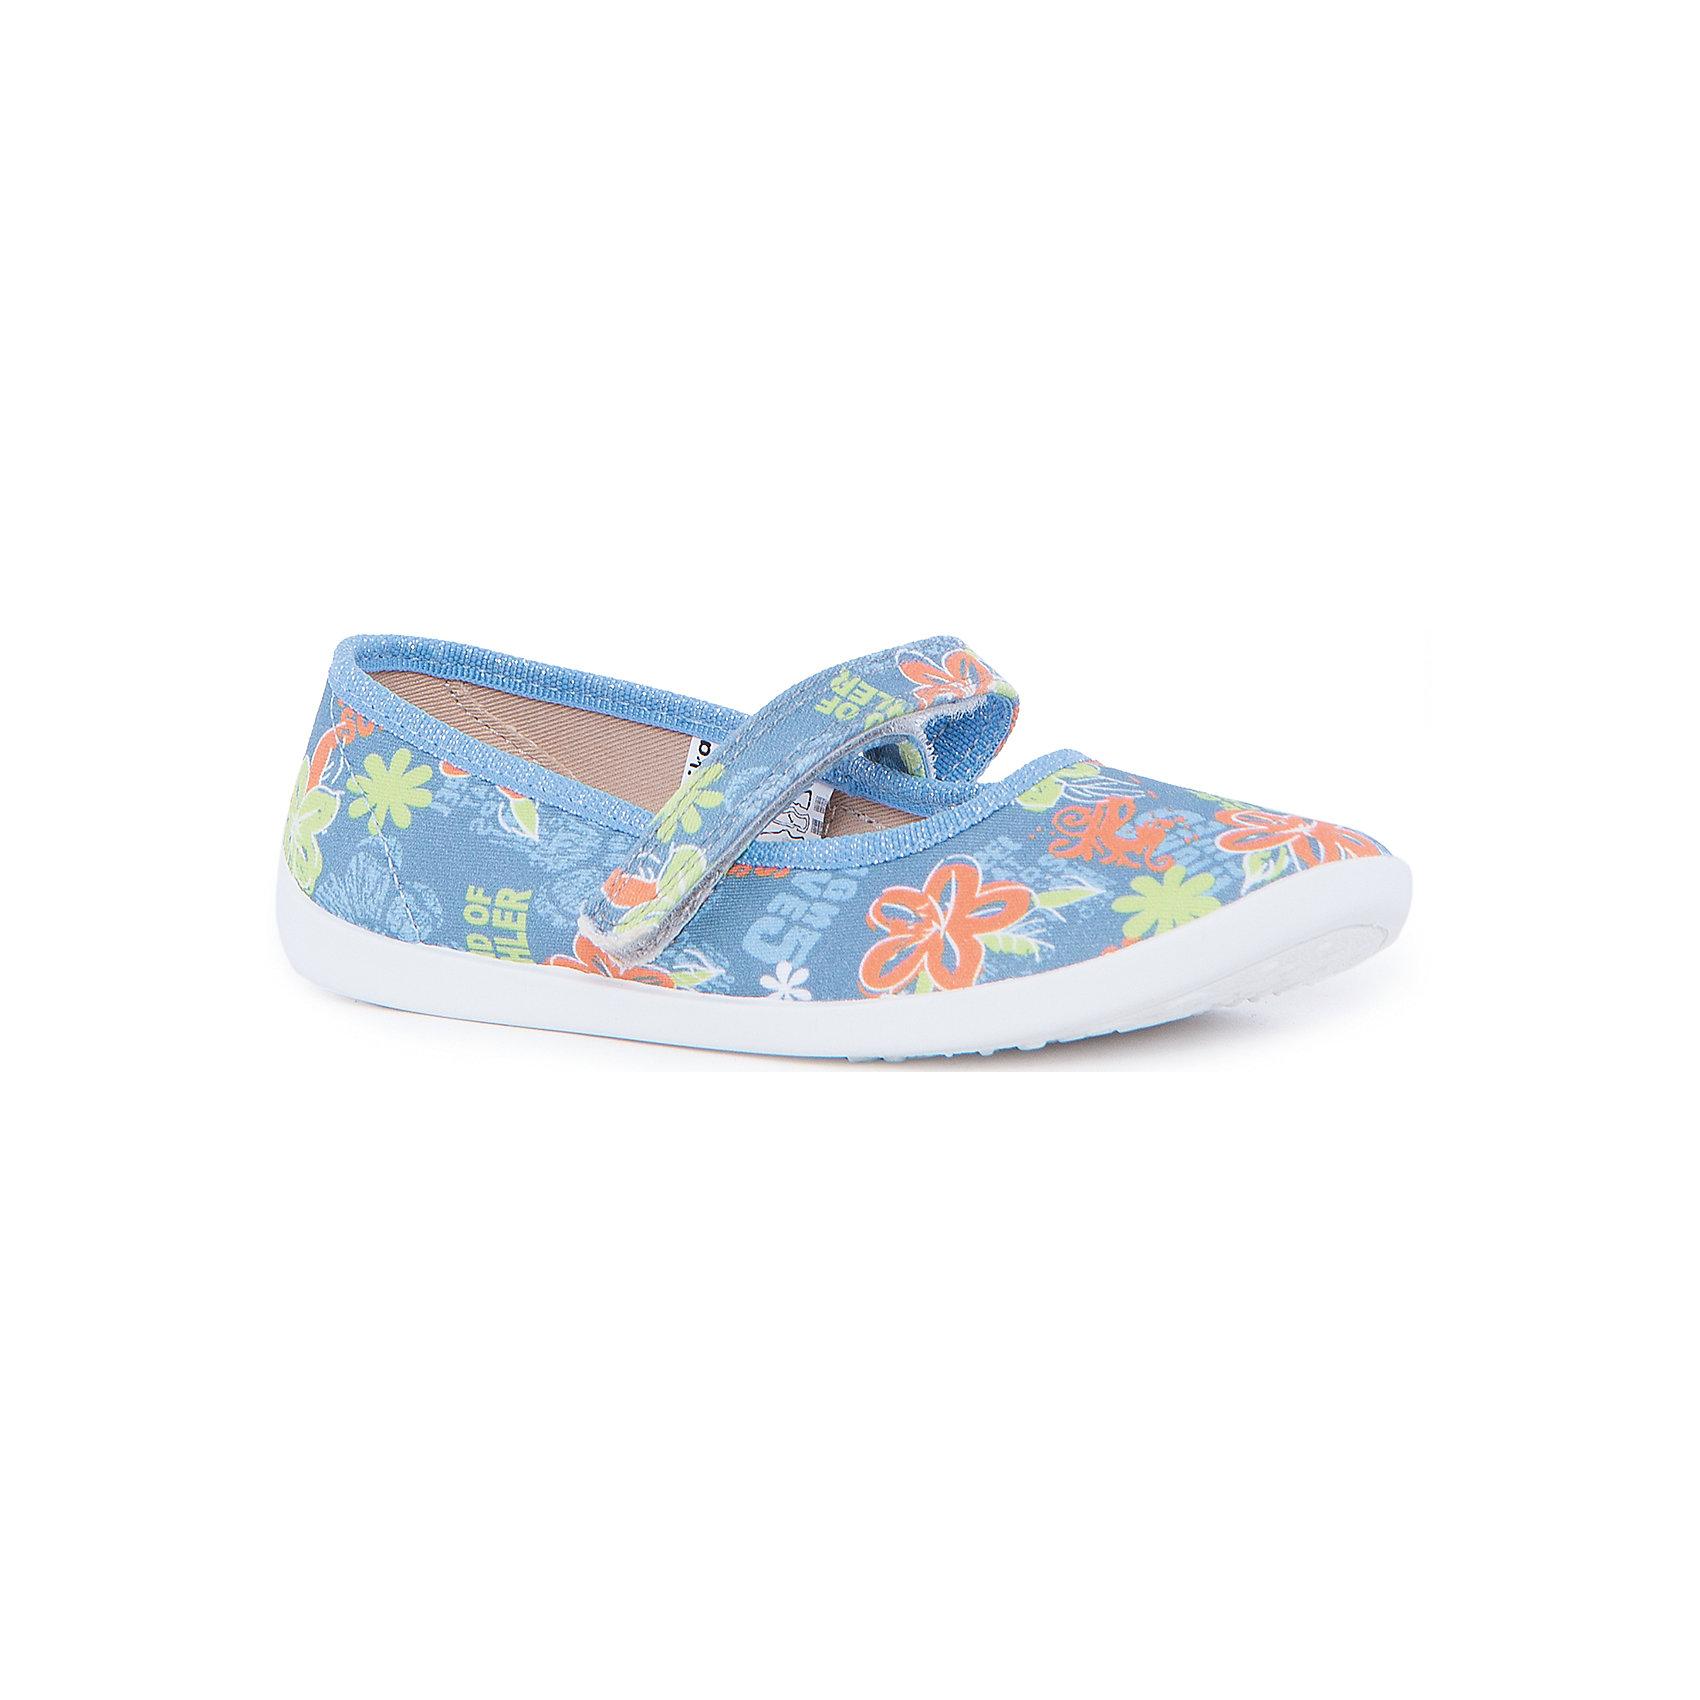 Туфли для девочки KAPIKAТуфли для девочки KAPIKA станут отличным вариантом для летних прогулок. Туфельки очень удобные и не будут натирать ножки. Они не будут сковывать движение и прогулки станут особенно интересными. Порадуйте себя и свою девочкутаким замечательным подарком. <br><br>Характеристика:<br>-Цвет: голубой с рисунком<br>-Материал: верх - текстиль, стелька - кожа,                       подошва - полимер,                       подкладка - текстиль<br>-Застёжка: липучка<br>-Бренд: KAPIKA(КАПИКА)<br><br>Туфли для девочки KAPIKA  вы можете приобрести в нашем интернет- магазине.<br><br>Ширина мм: 227<br>Глубина мм: 145<br>Высота мм: 124<br>Вес г: 325<br>Цвет: синий<br>Возраст от месяцев: 108<br>Возраст до месяцев: 120<br>Пол: Женский<br>Возраст: Детский<br>Размер: 33,34,35,30,31,32<br>SKU: 4987747